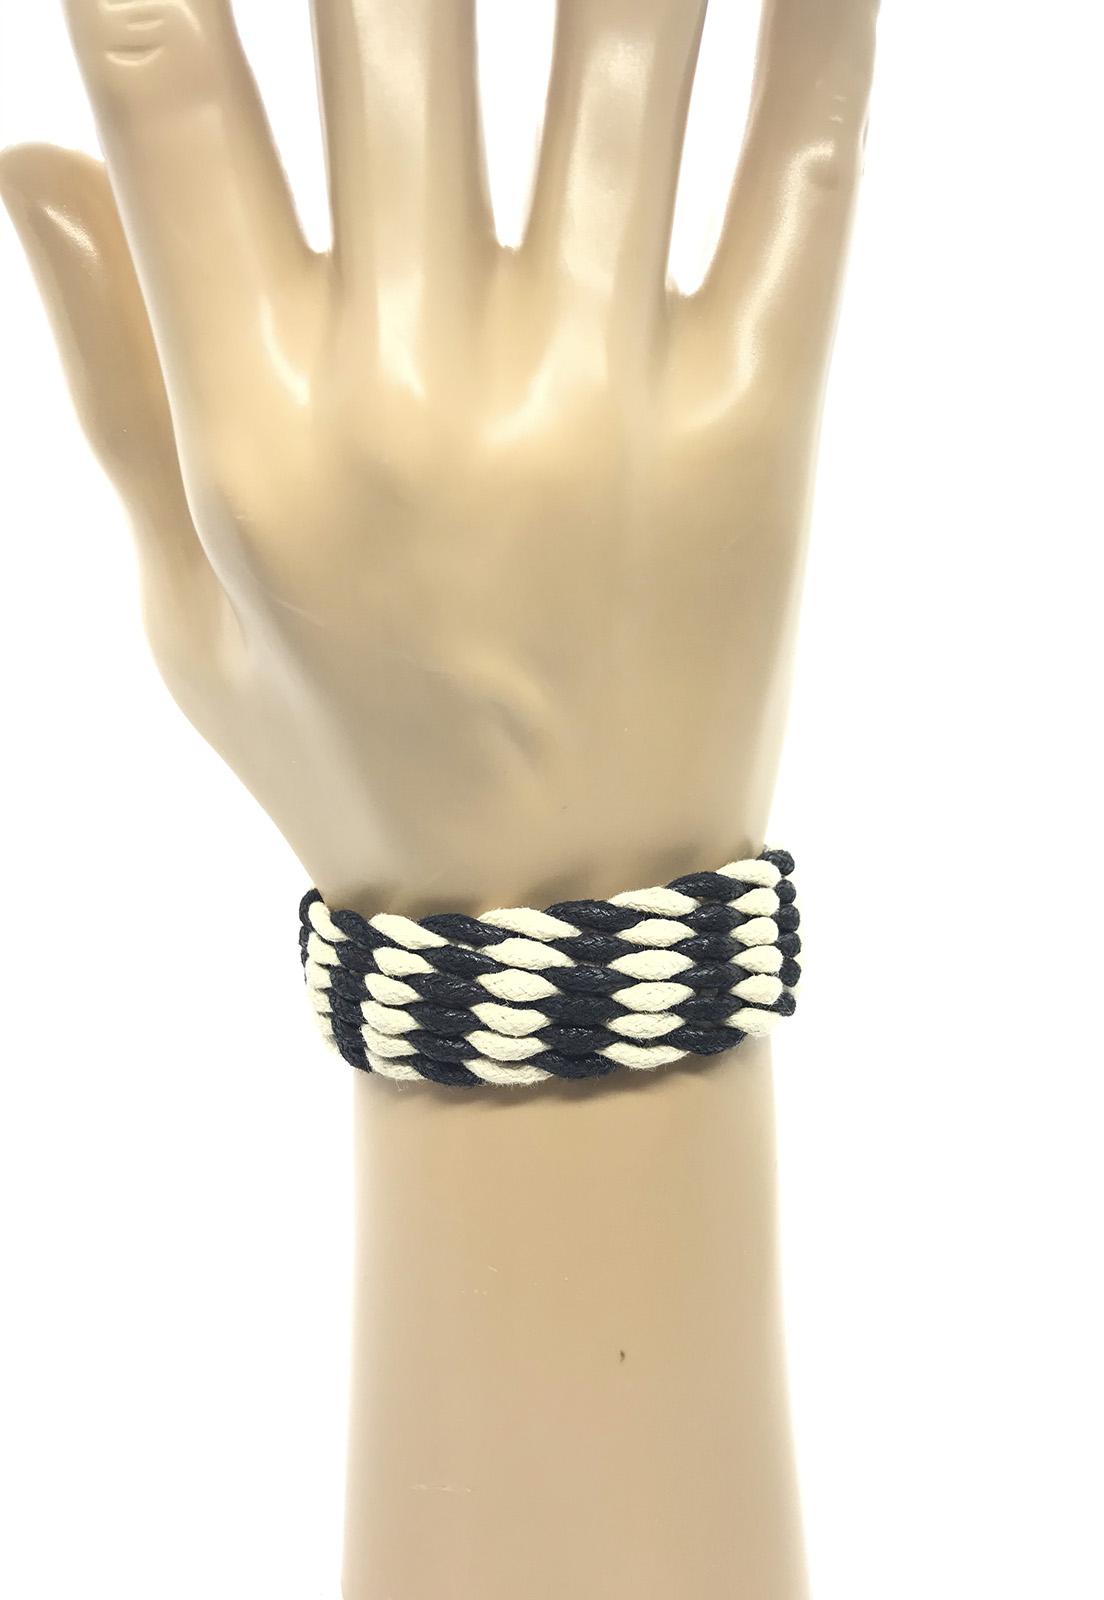 Pulseira Ajustável de Cordas Trançadas Preto e Branco